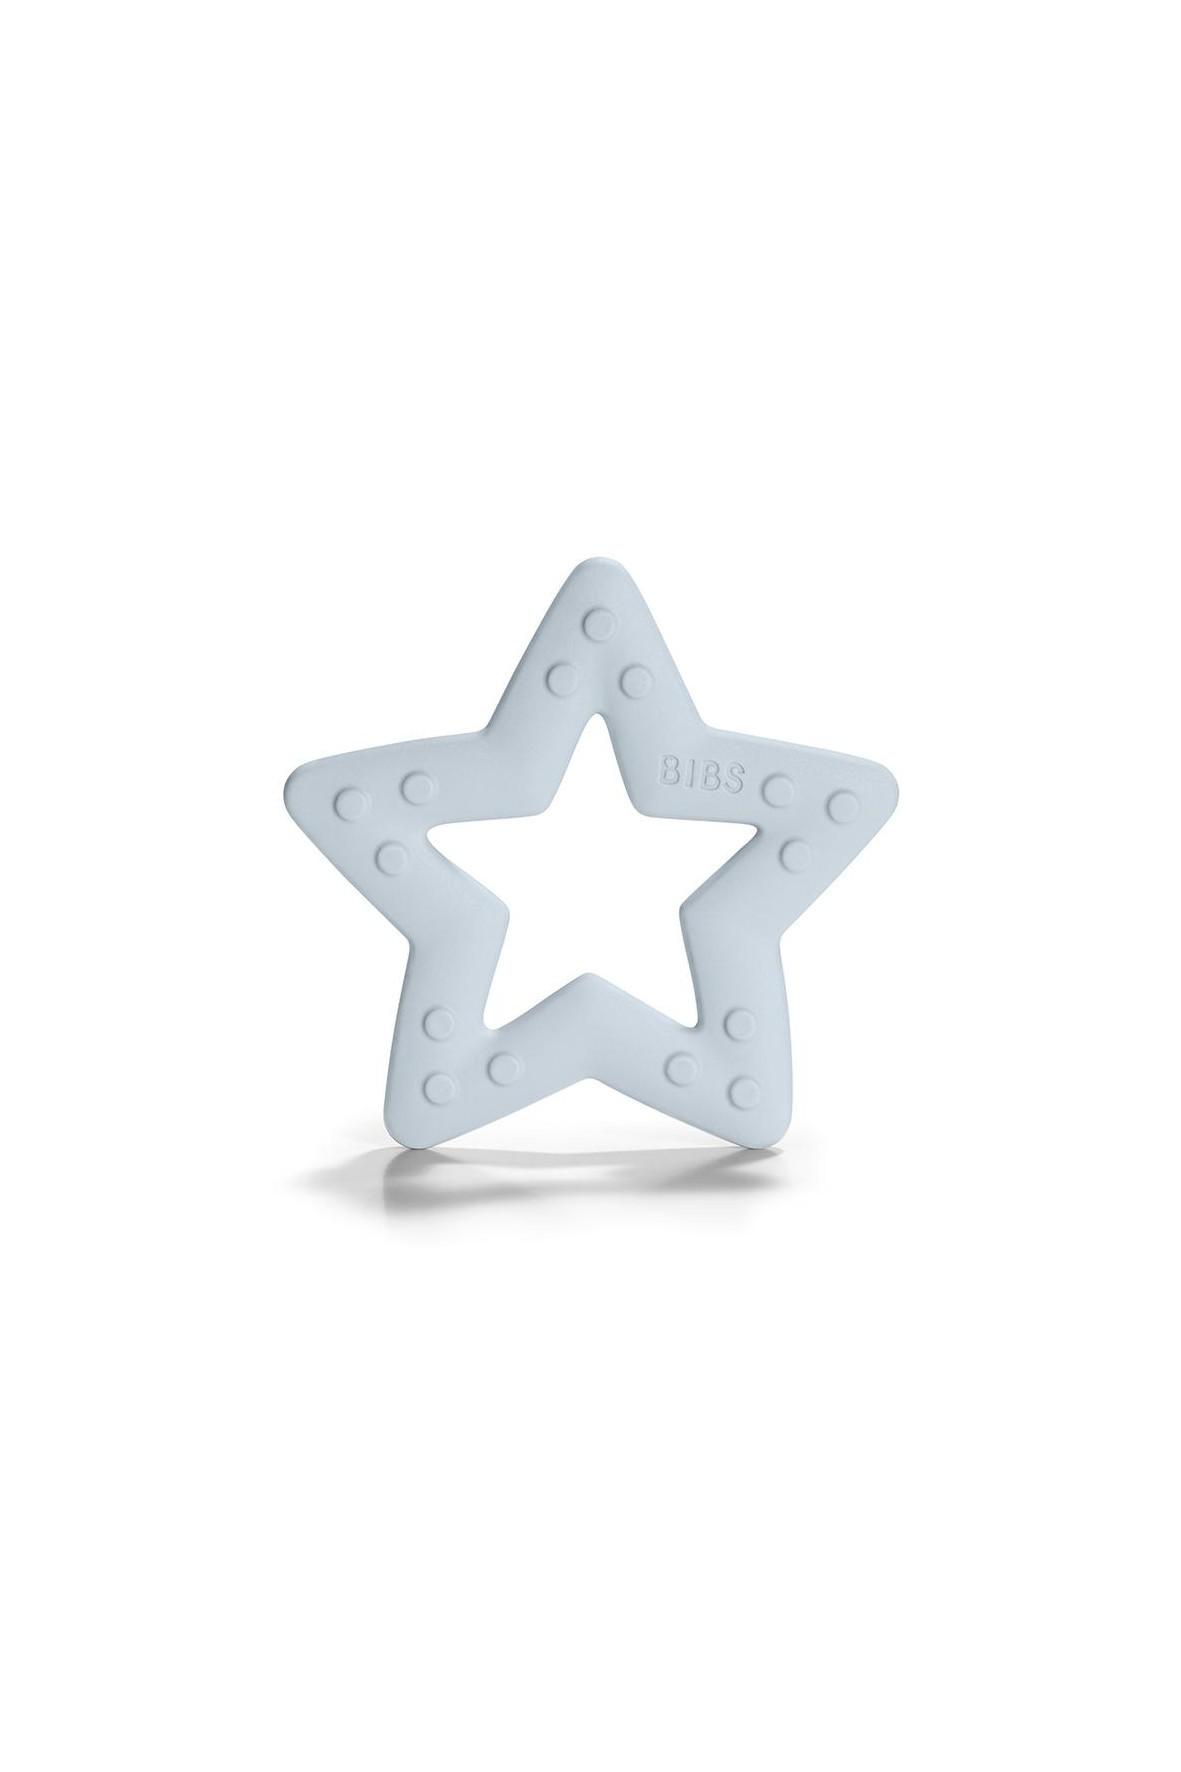 BIBS Baby Bitie STAR Baby Blue gryzak dla niemowlaka - niebieski wiek 3msc+